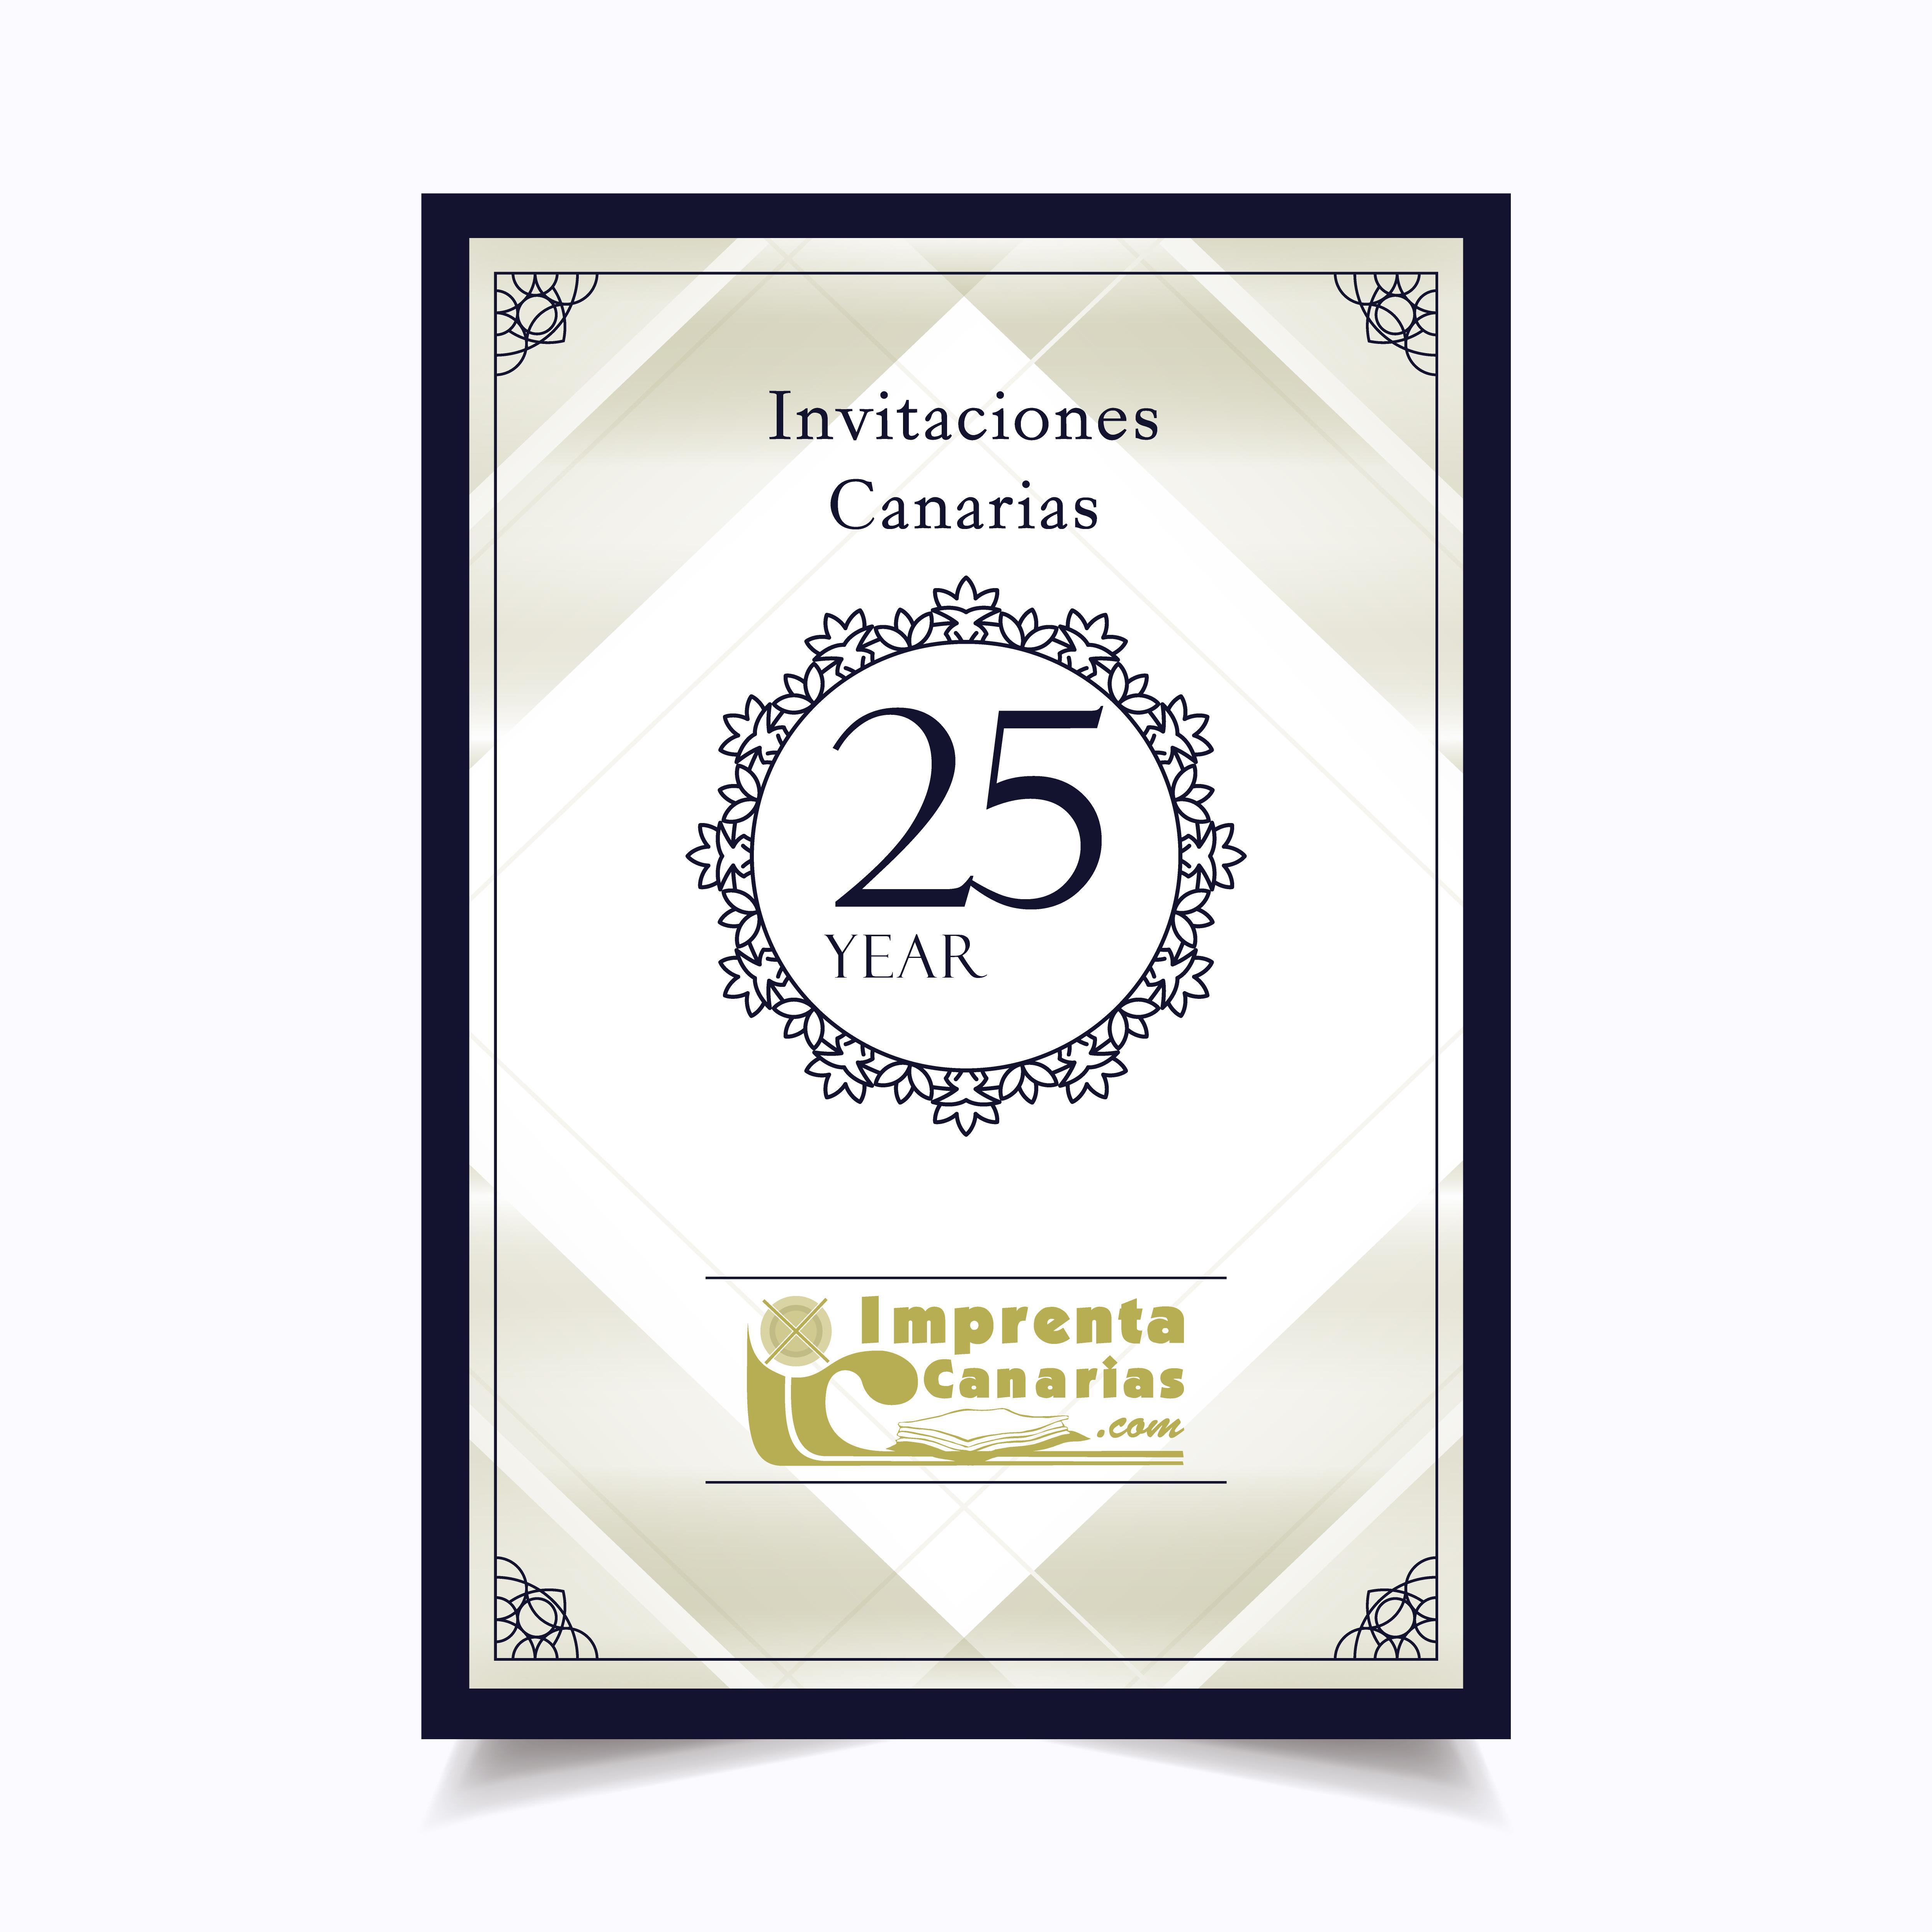 Invitaciones Canarias :: Imprenta Canarias